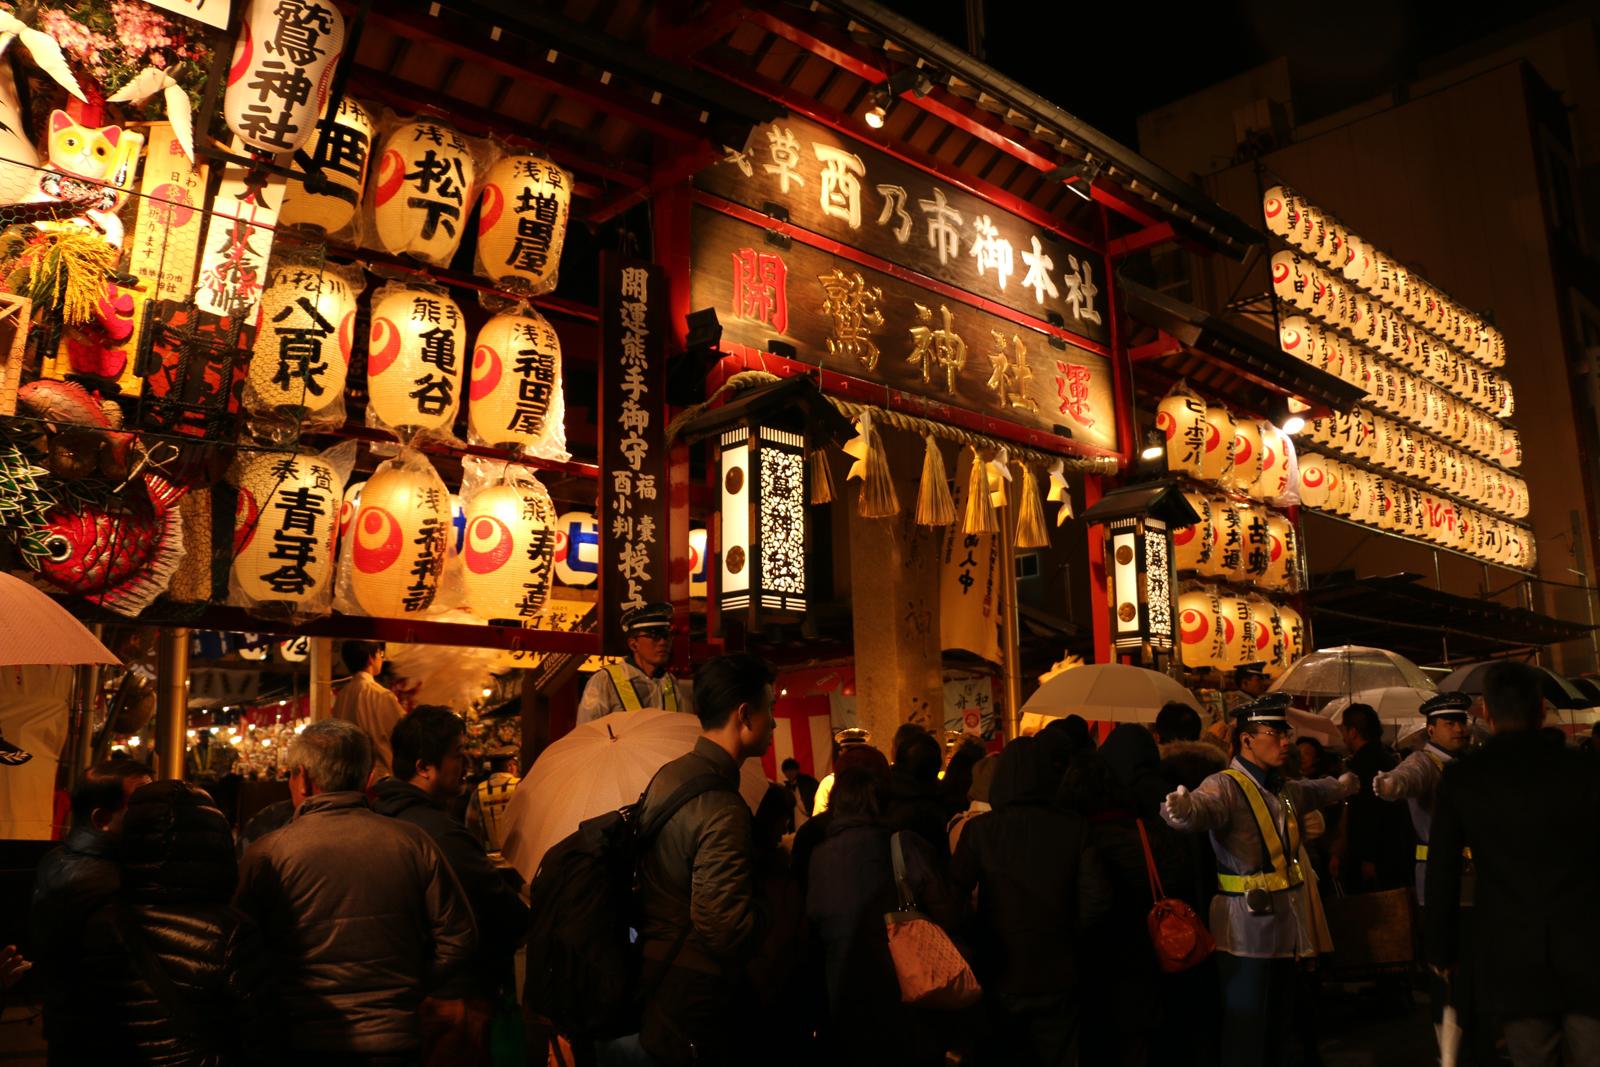 浅草・鷲神社の酉の市。深夜から大勢の人が詰めかけます